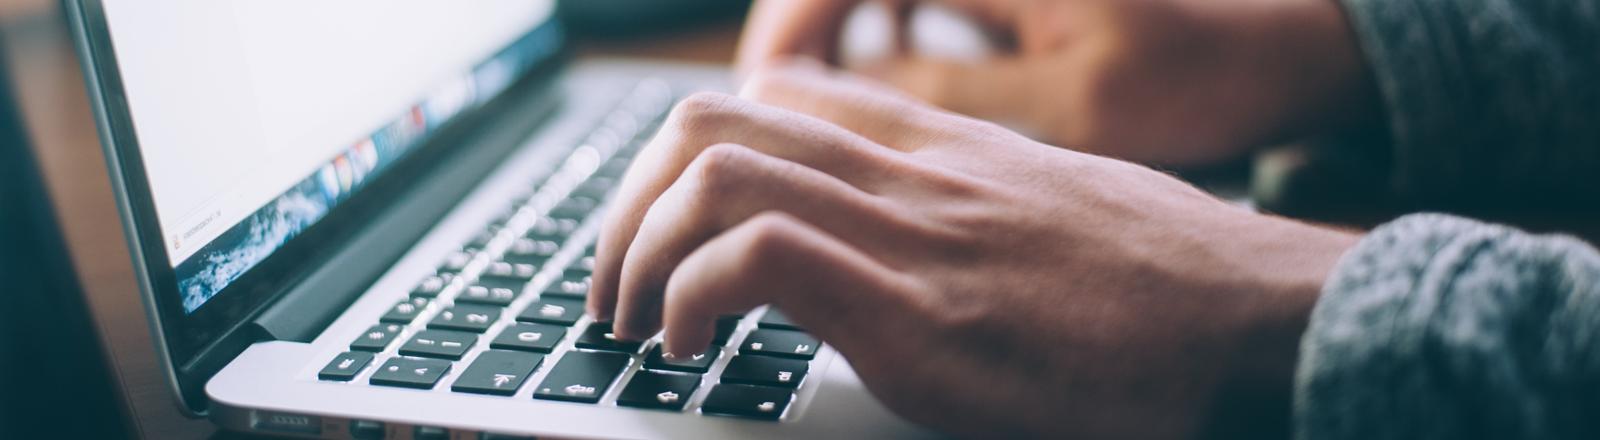 Nahaufnahmen von Händen auf der Tastatur eines Apple Laptops